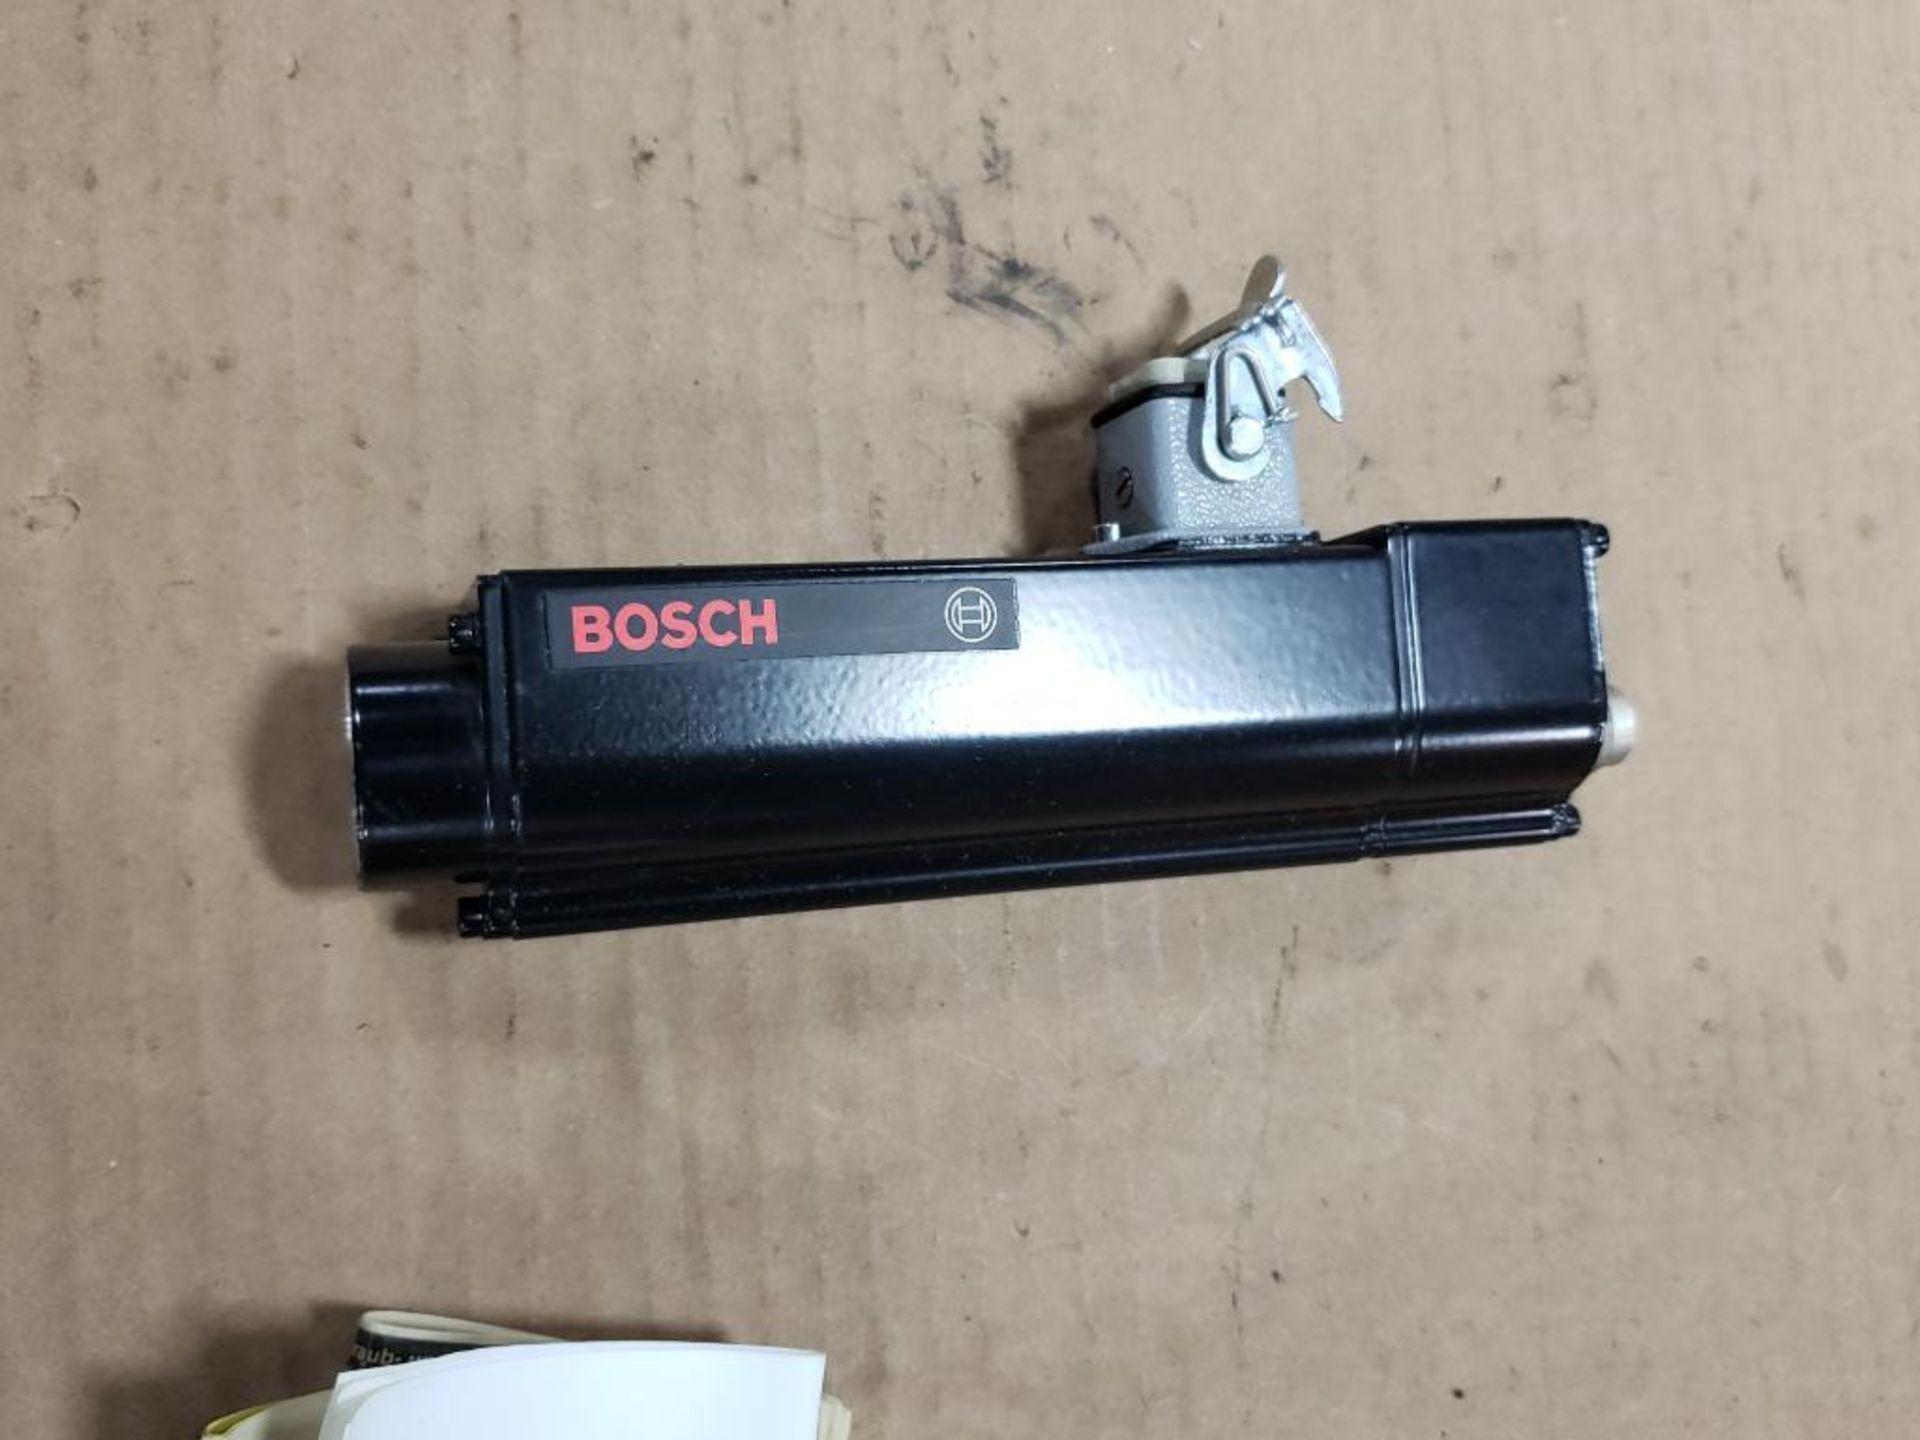 Bosch 0-608-701-013 Brushless DC-Motor. - Image 3 of 7